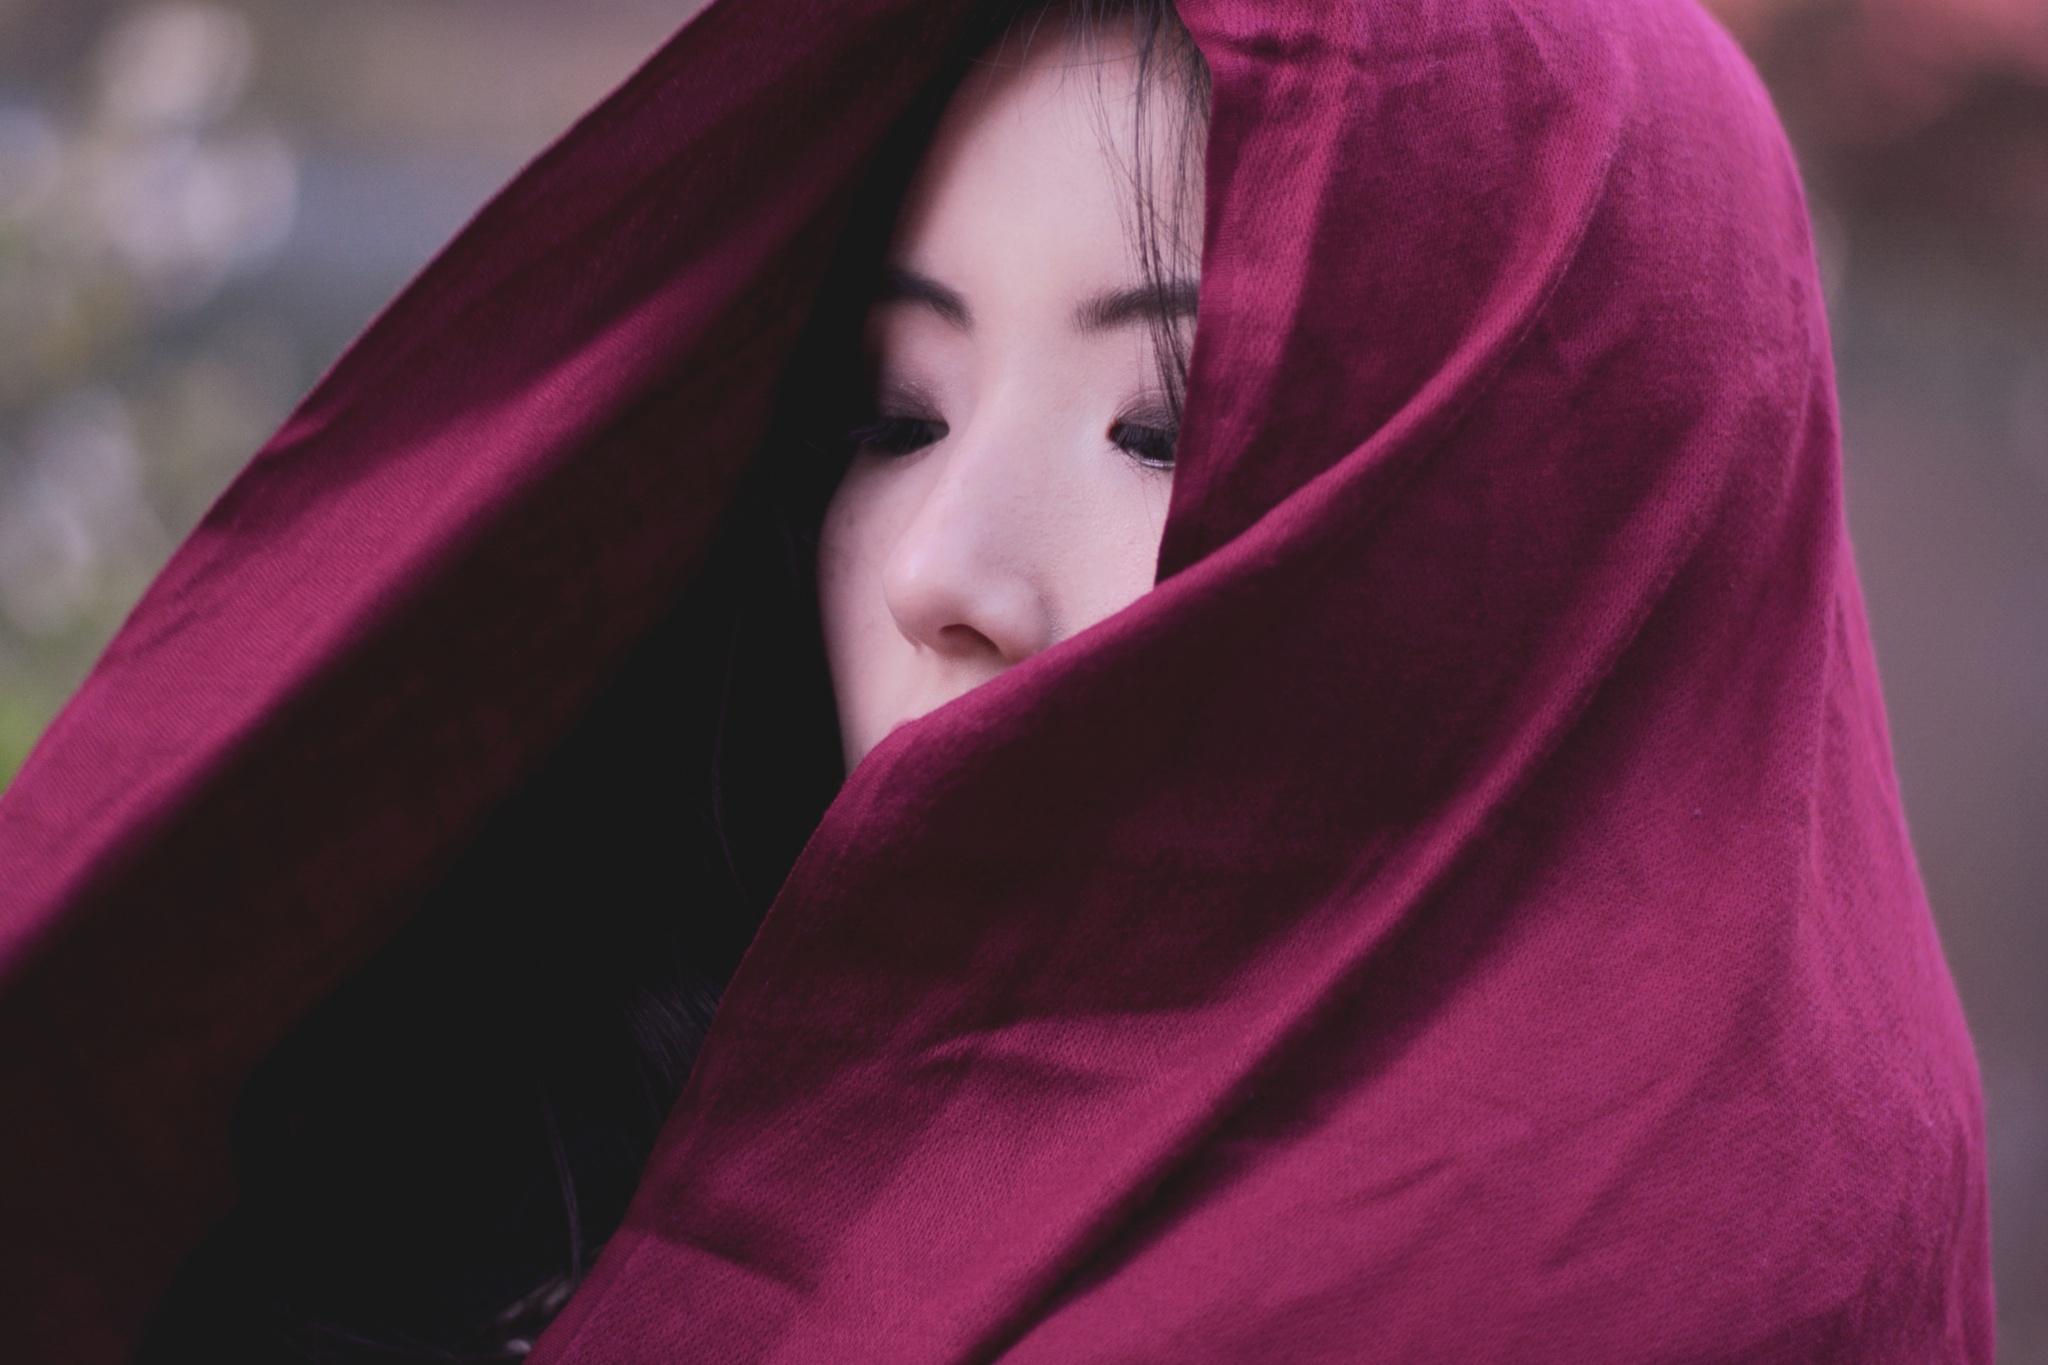 Ah..girl in red by Yoko D